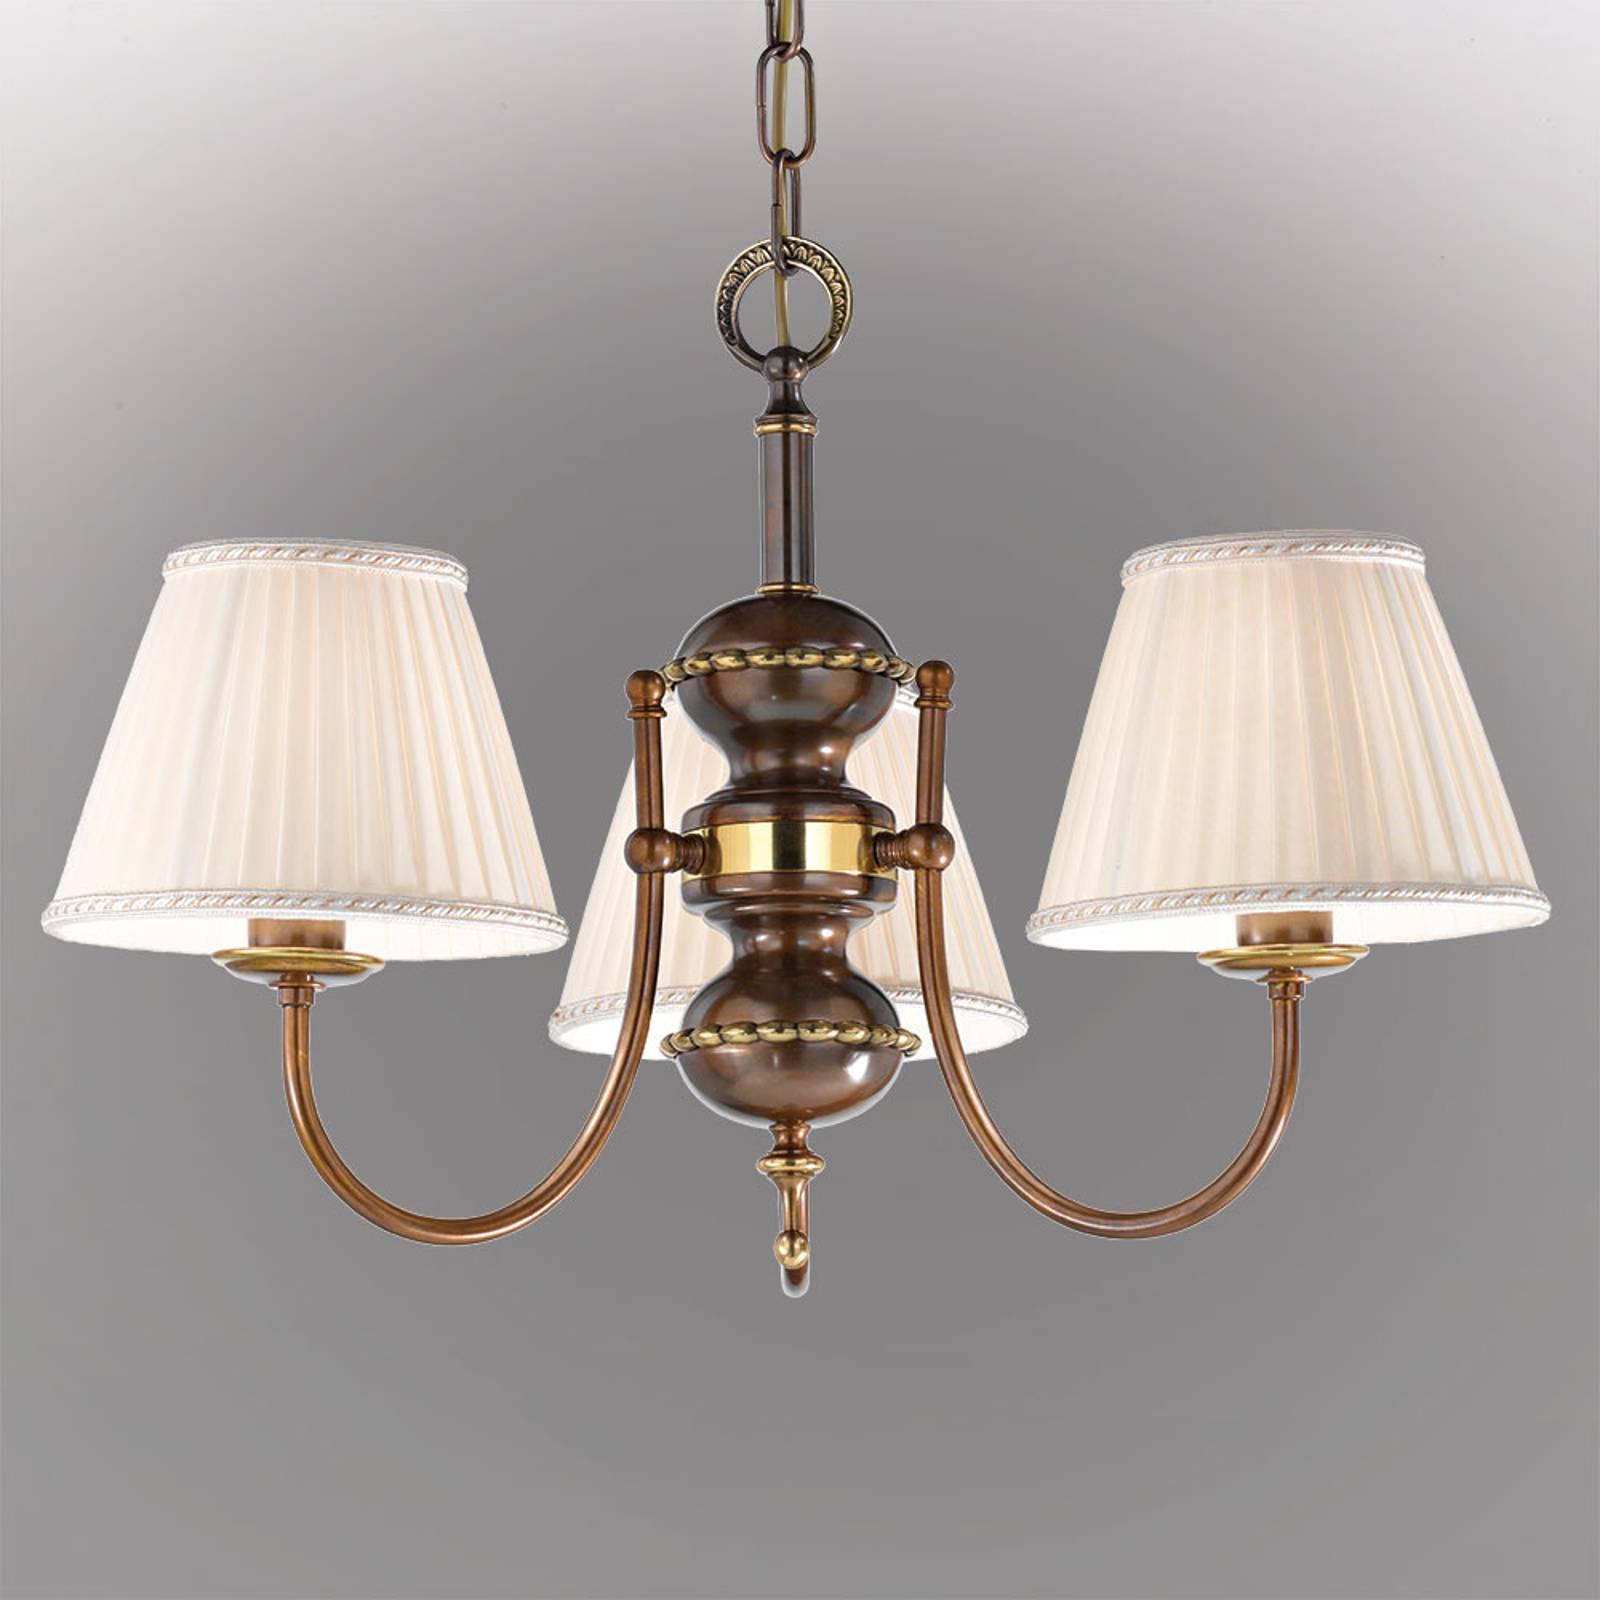 Antiikkinen Classic-riippuvalaisin, 3-lamppuinen